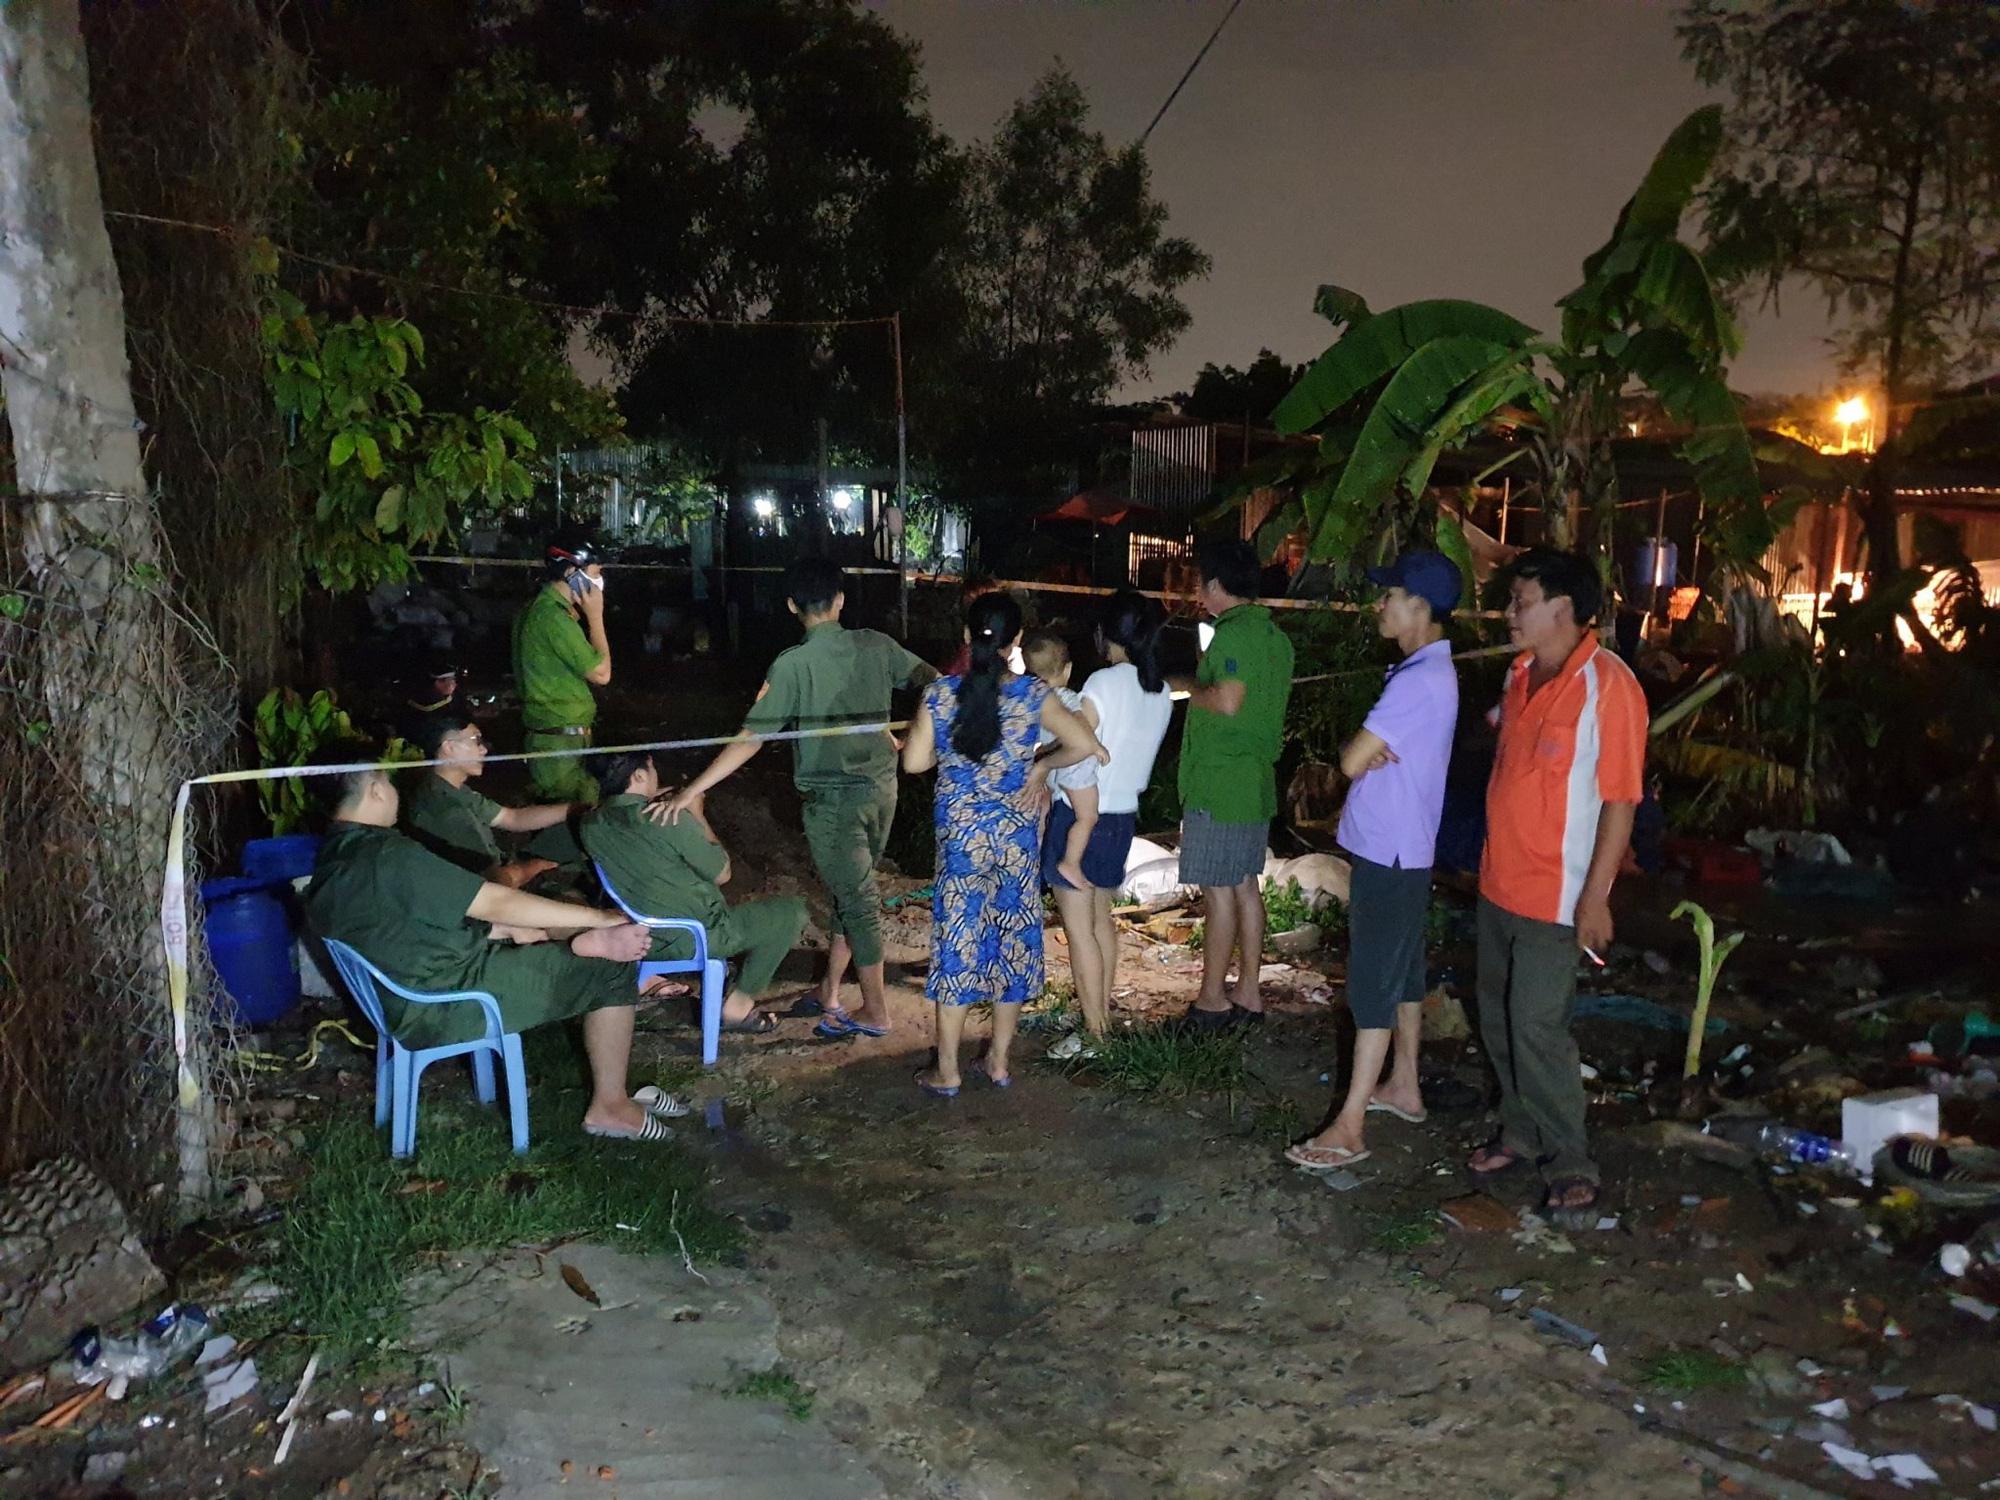 Trắng đêm tìm kiếm nhưng bé trai 4 tuổi bị nước dưới mương cuốn đi giữa trời mưa lớn vẫn biệt tăm - Ảnh 2.